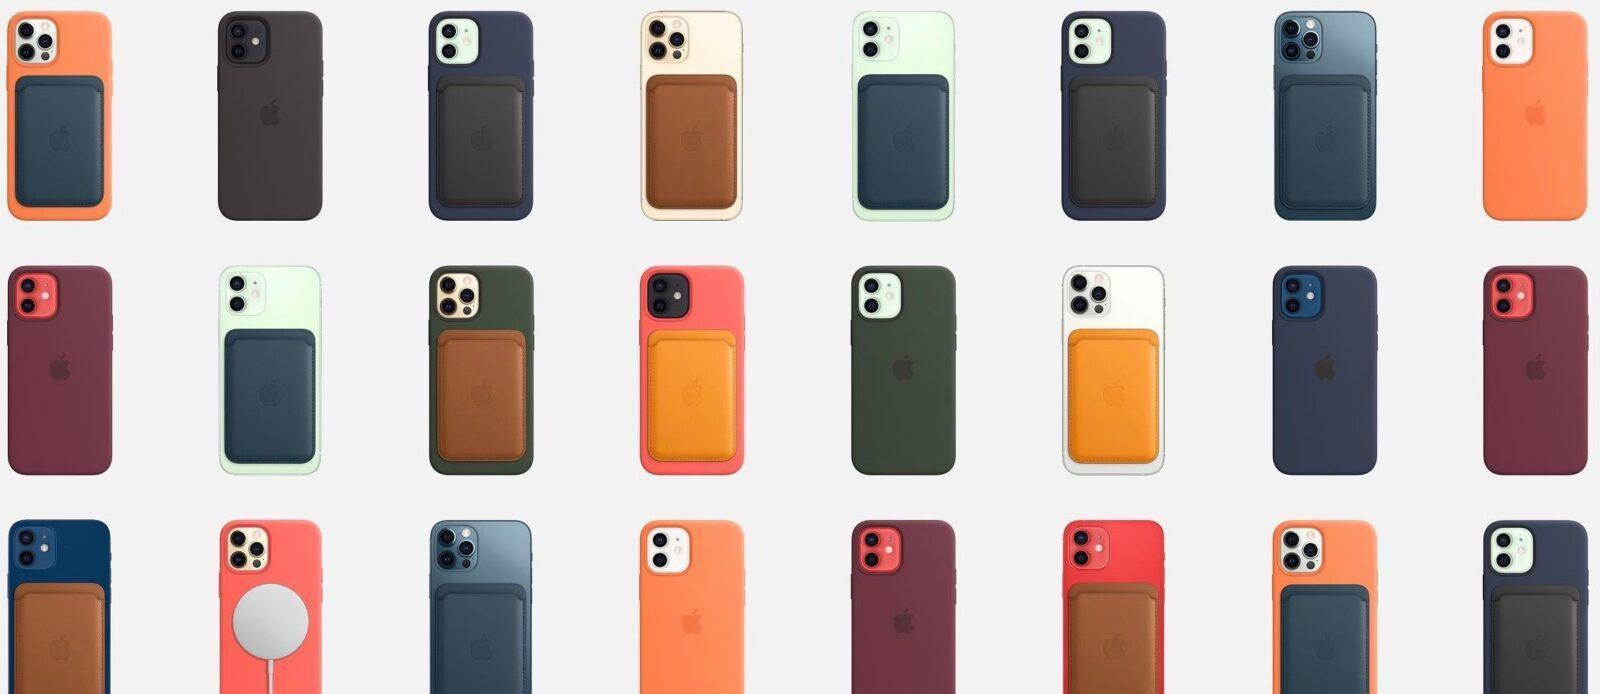 Что купить для iPhone 12: несколько полезных аксессуаров (3e1585 iphone 12 magsafe cases)